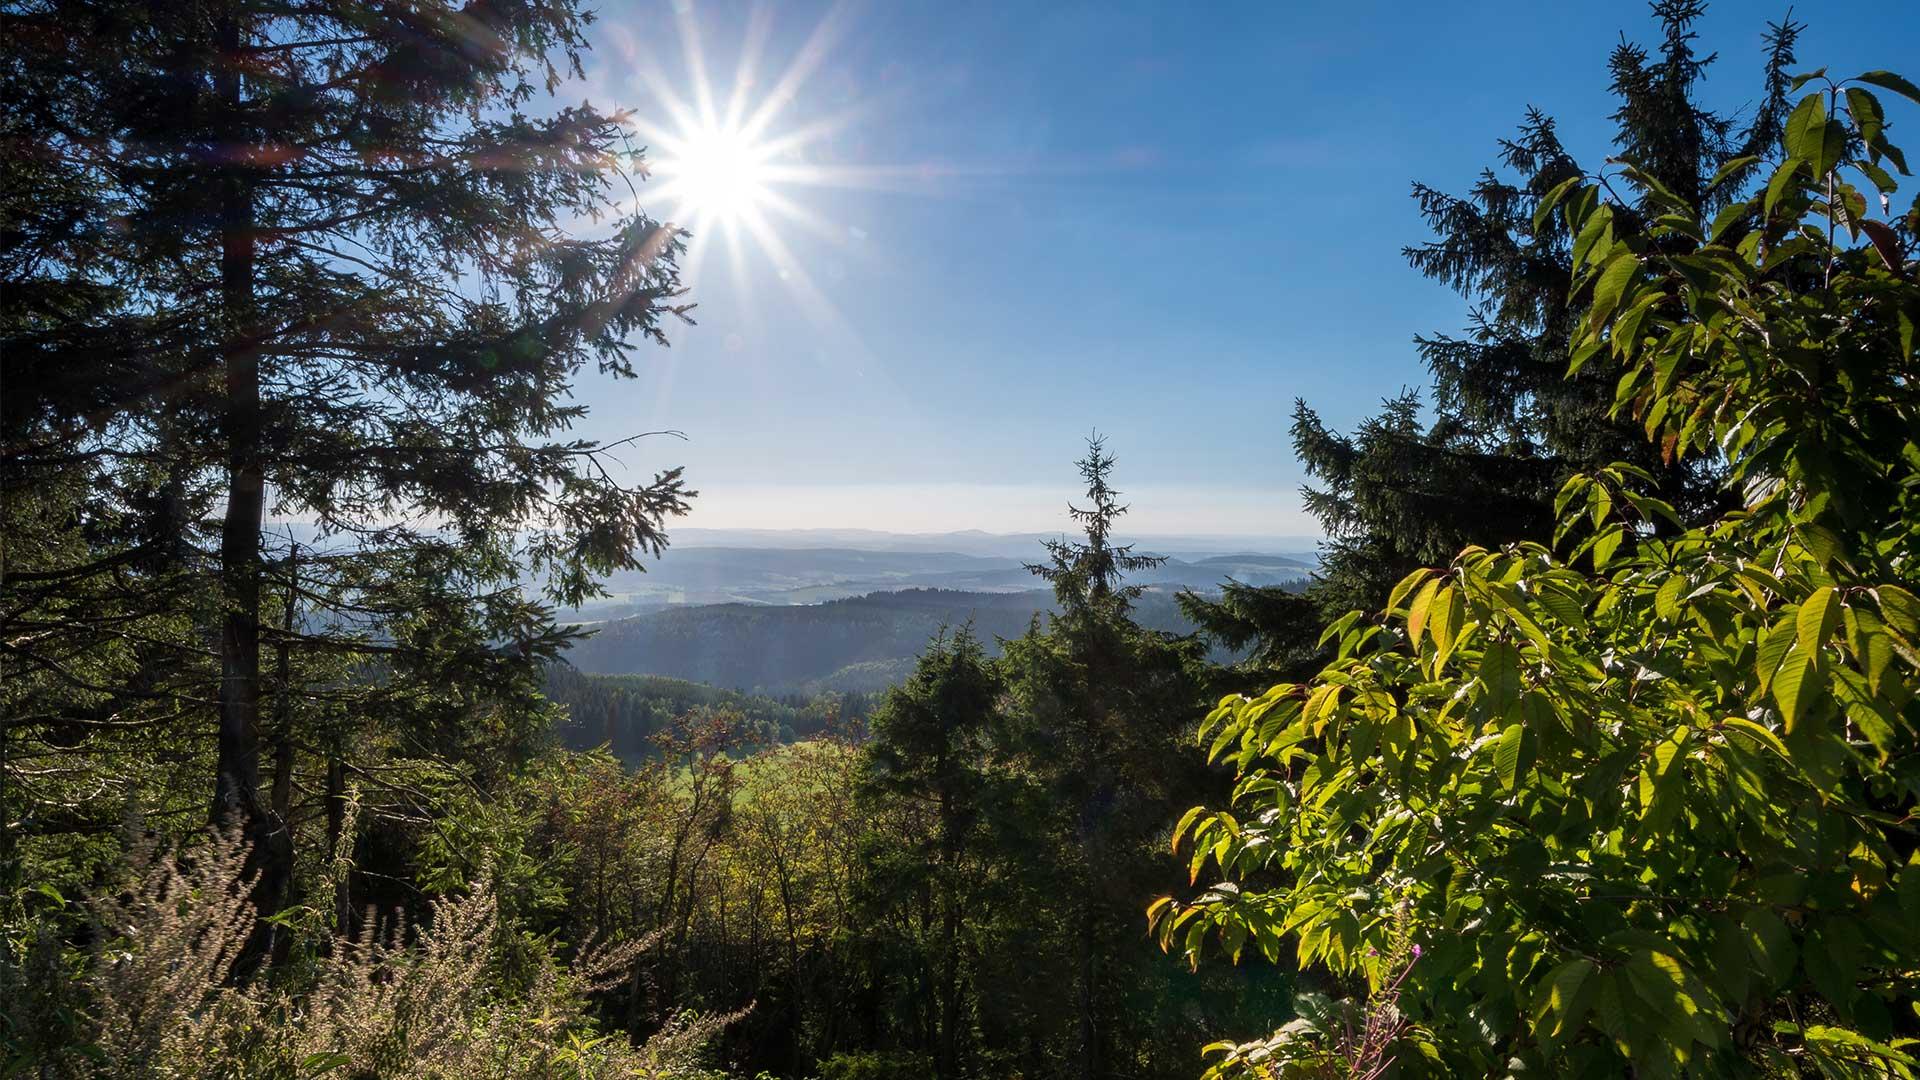 Thüringer Wald | © mp1982_06 - fotolia.com